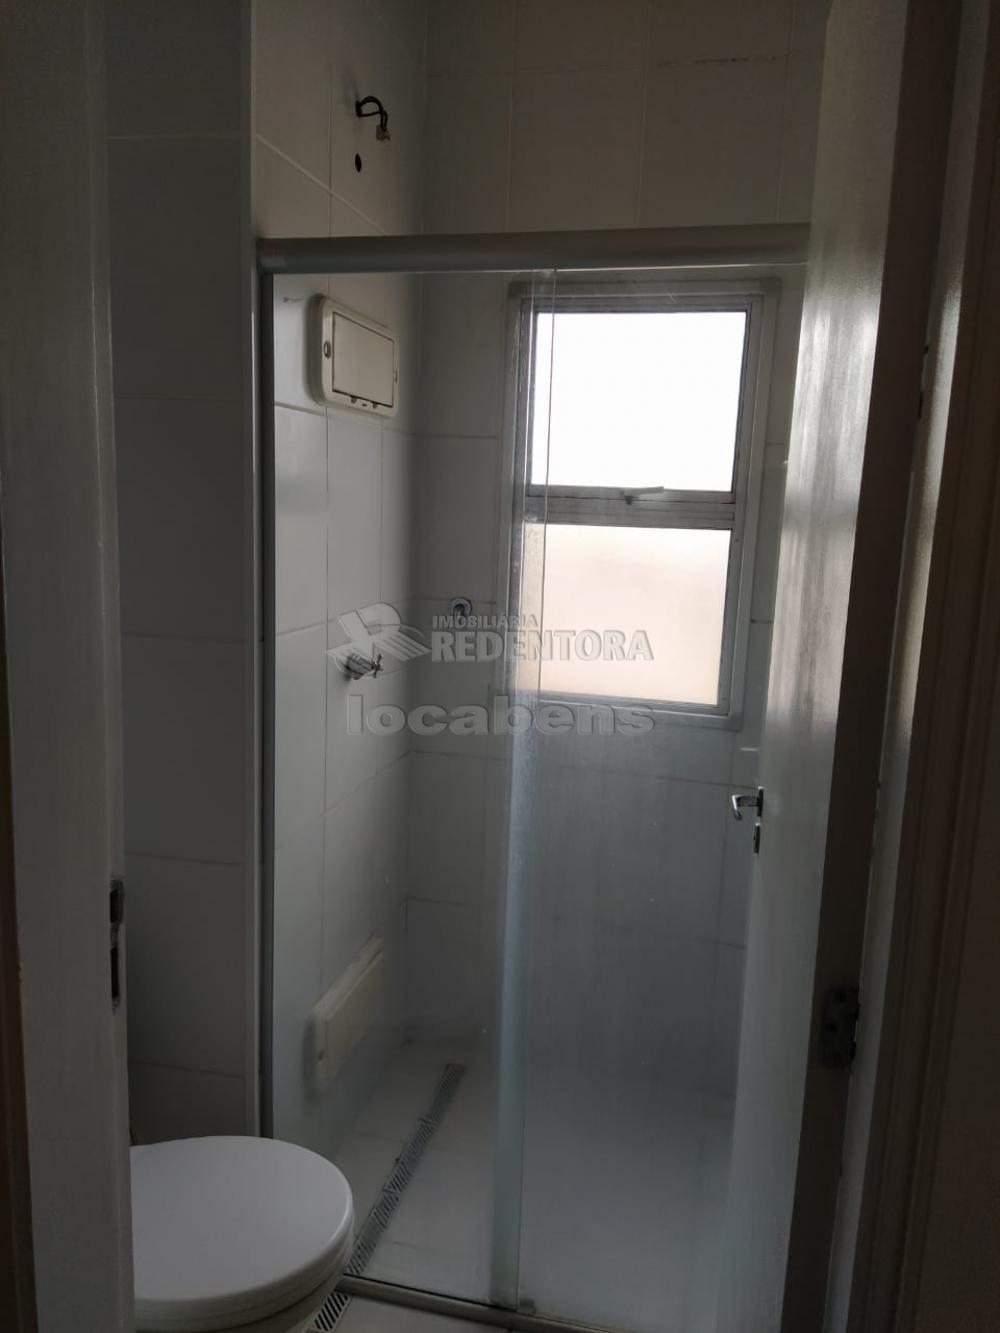 Comprar Apartamento / Padrão em São José do Rio Preto apenas R$ 155.000,00 - Foto 8